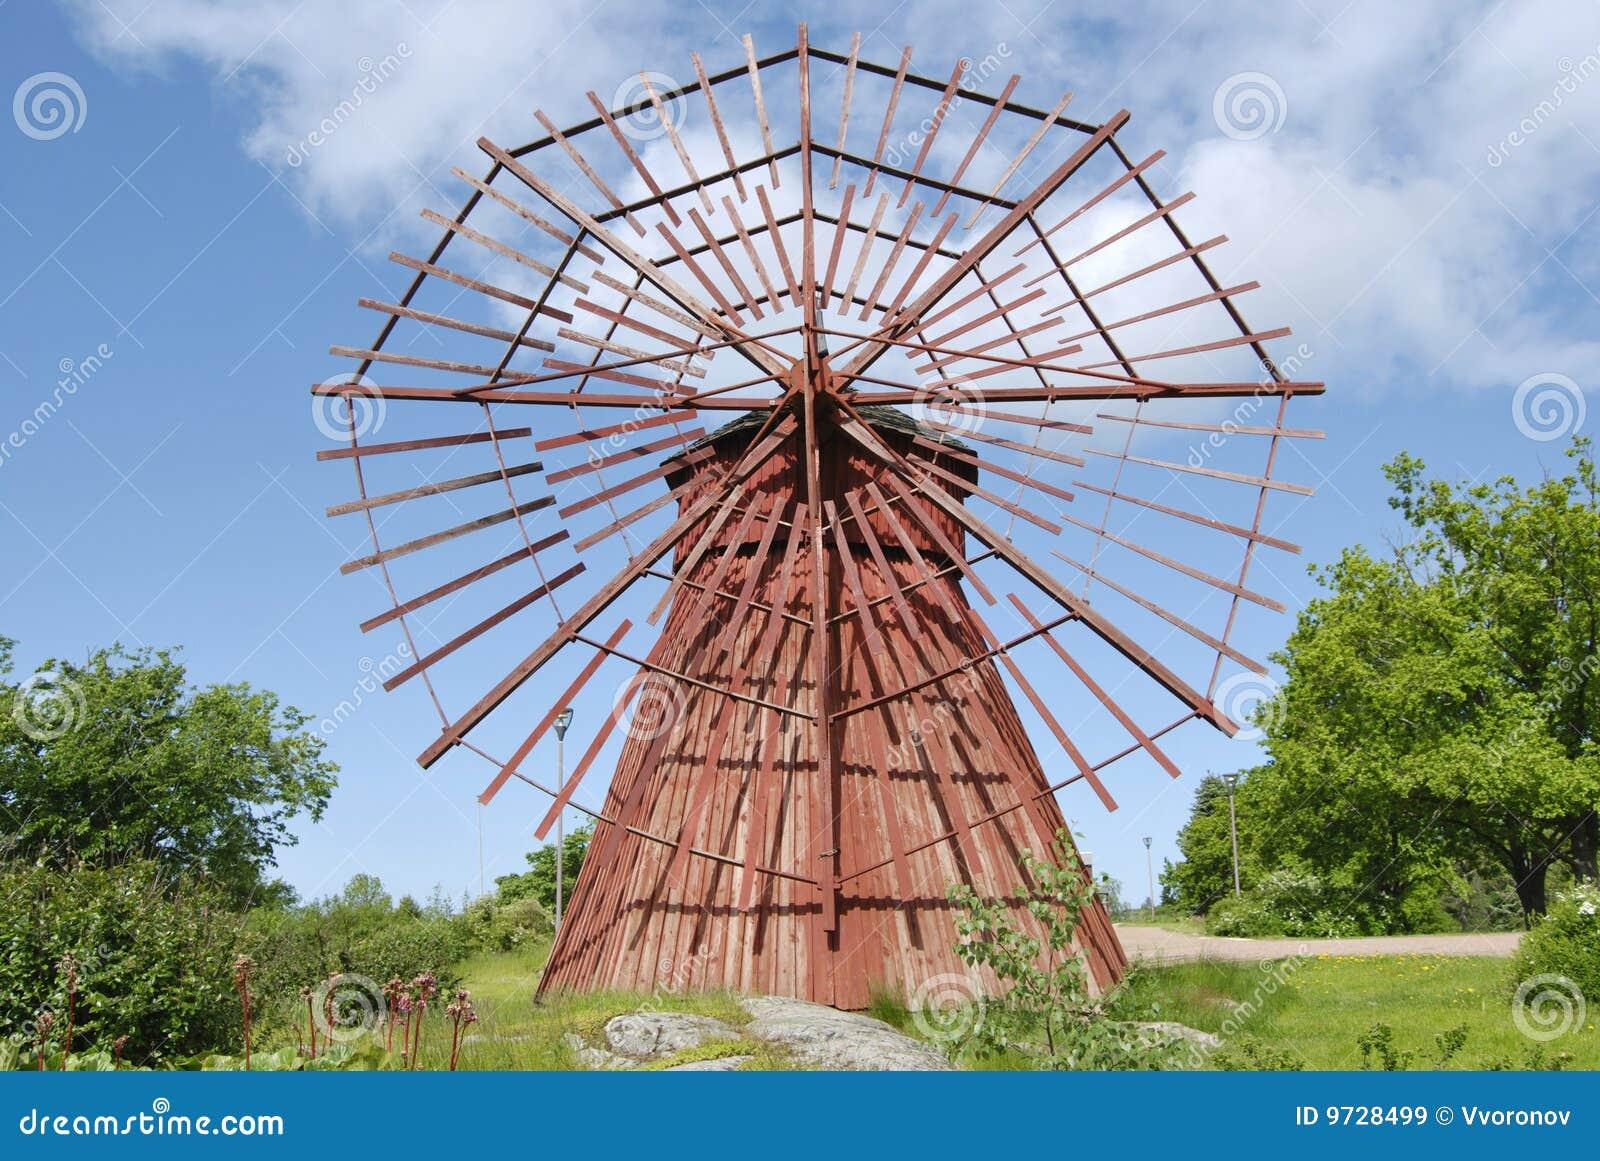 Moulin vent en bois rouge images libres de droits for Bricolage moulin a vent en bois